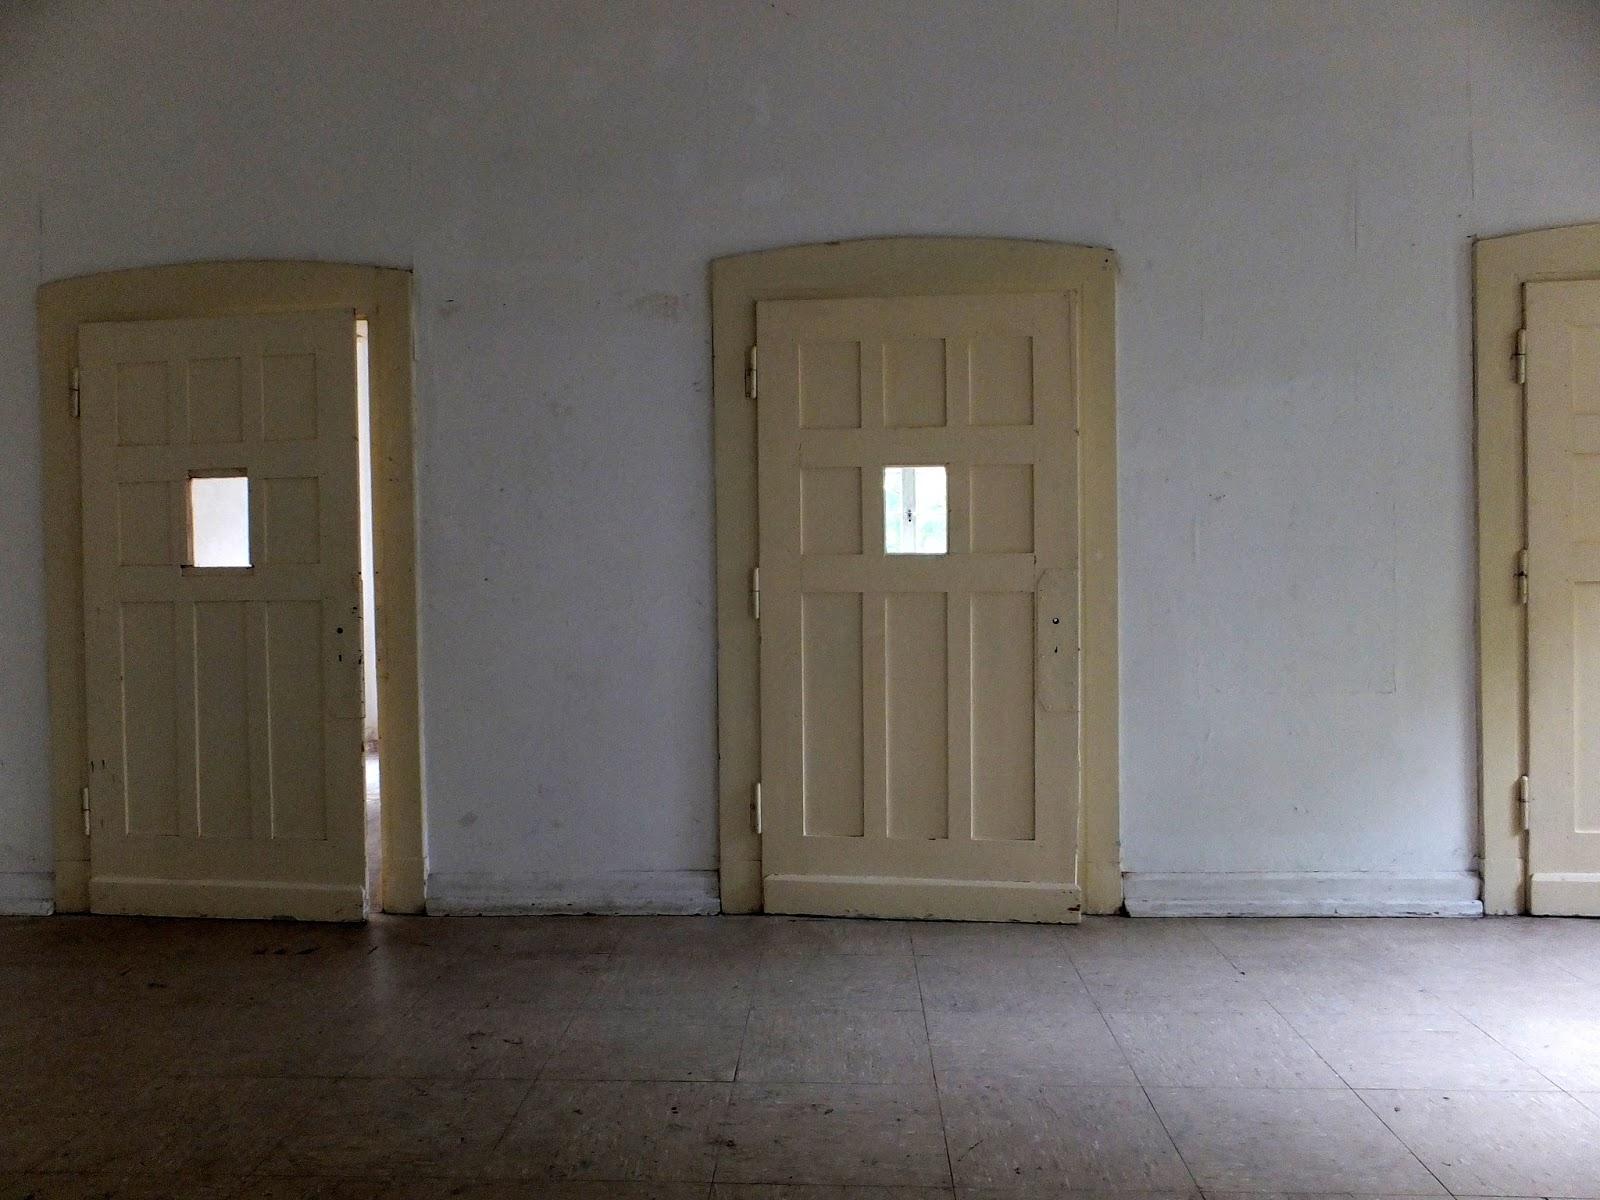 kunst helga weidenm ller. Black Bedroom Furniture Sets. Home Design Ideas